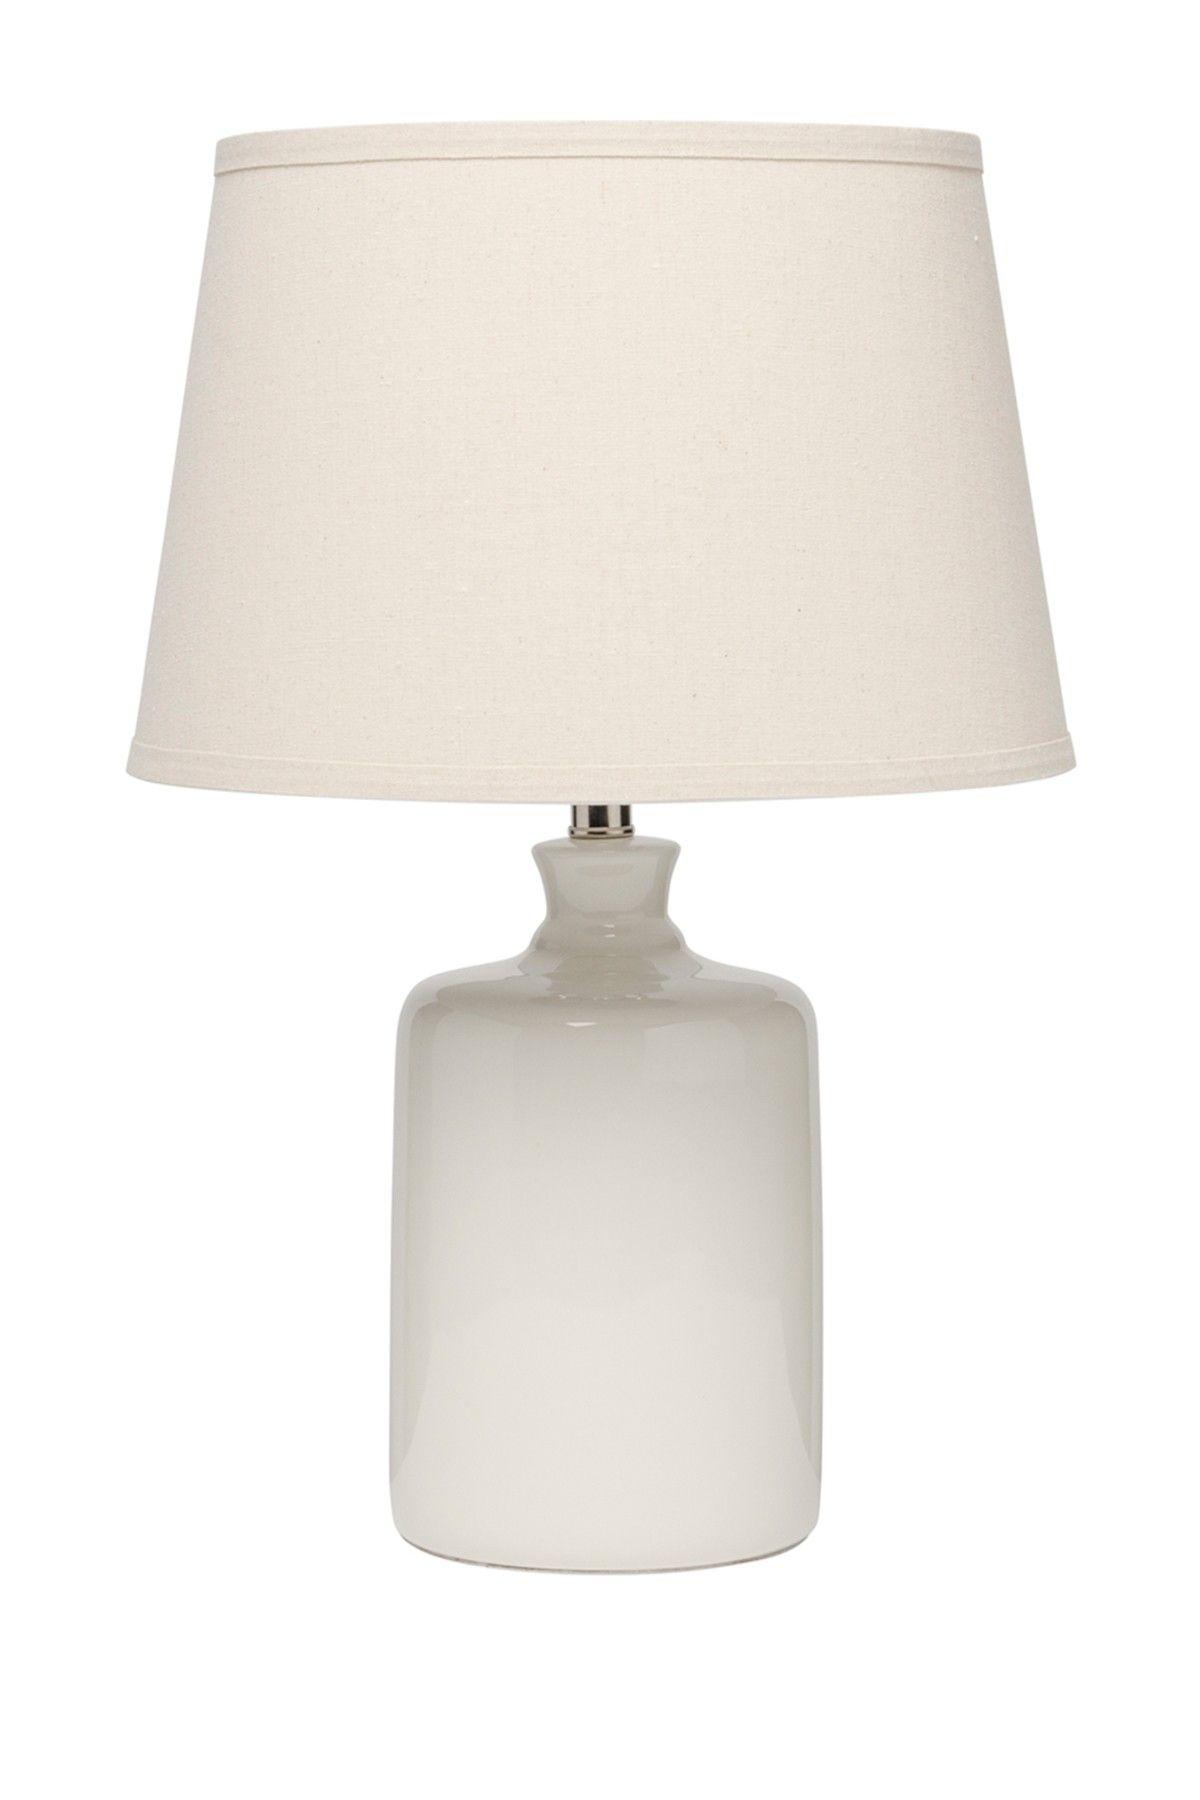 Shine Studio Cream Tapered Shade Milk Jug Table Lamp Nordstrom Rack In 2020 Table Lamp Lamp Milk Jug